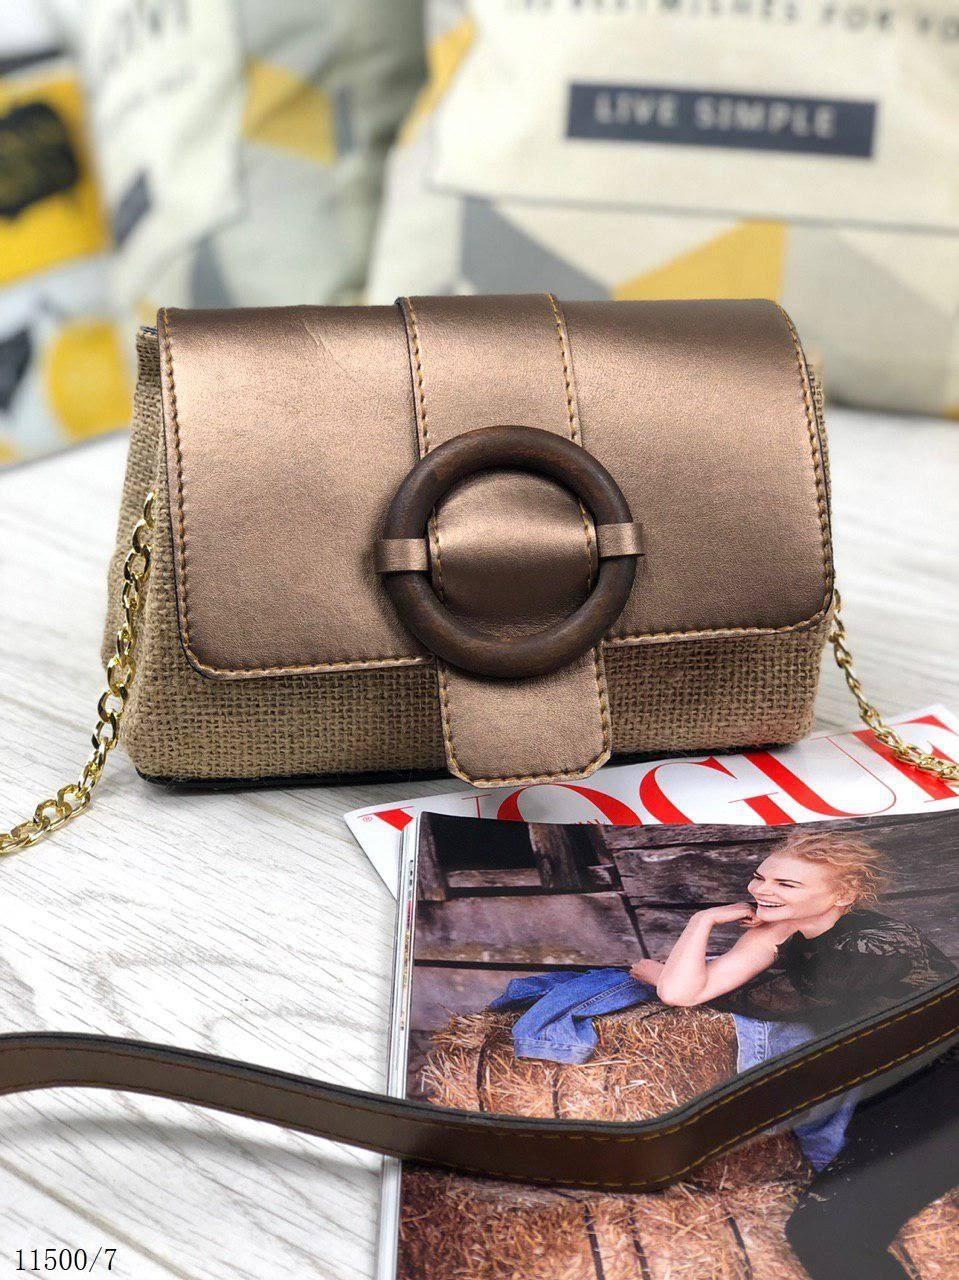 Женская сумочка через плечо сумочка сумка маленькая кросс-боди экокожа бронза